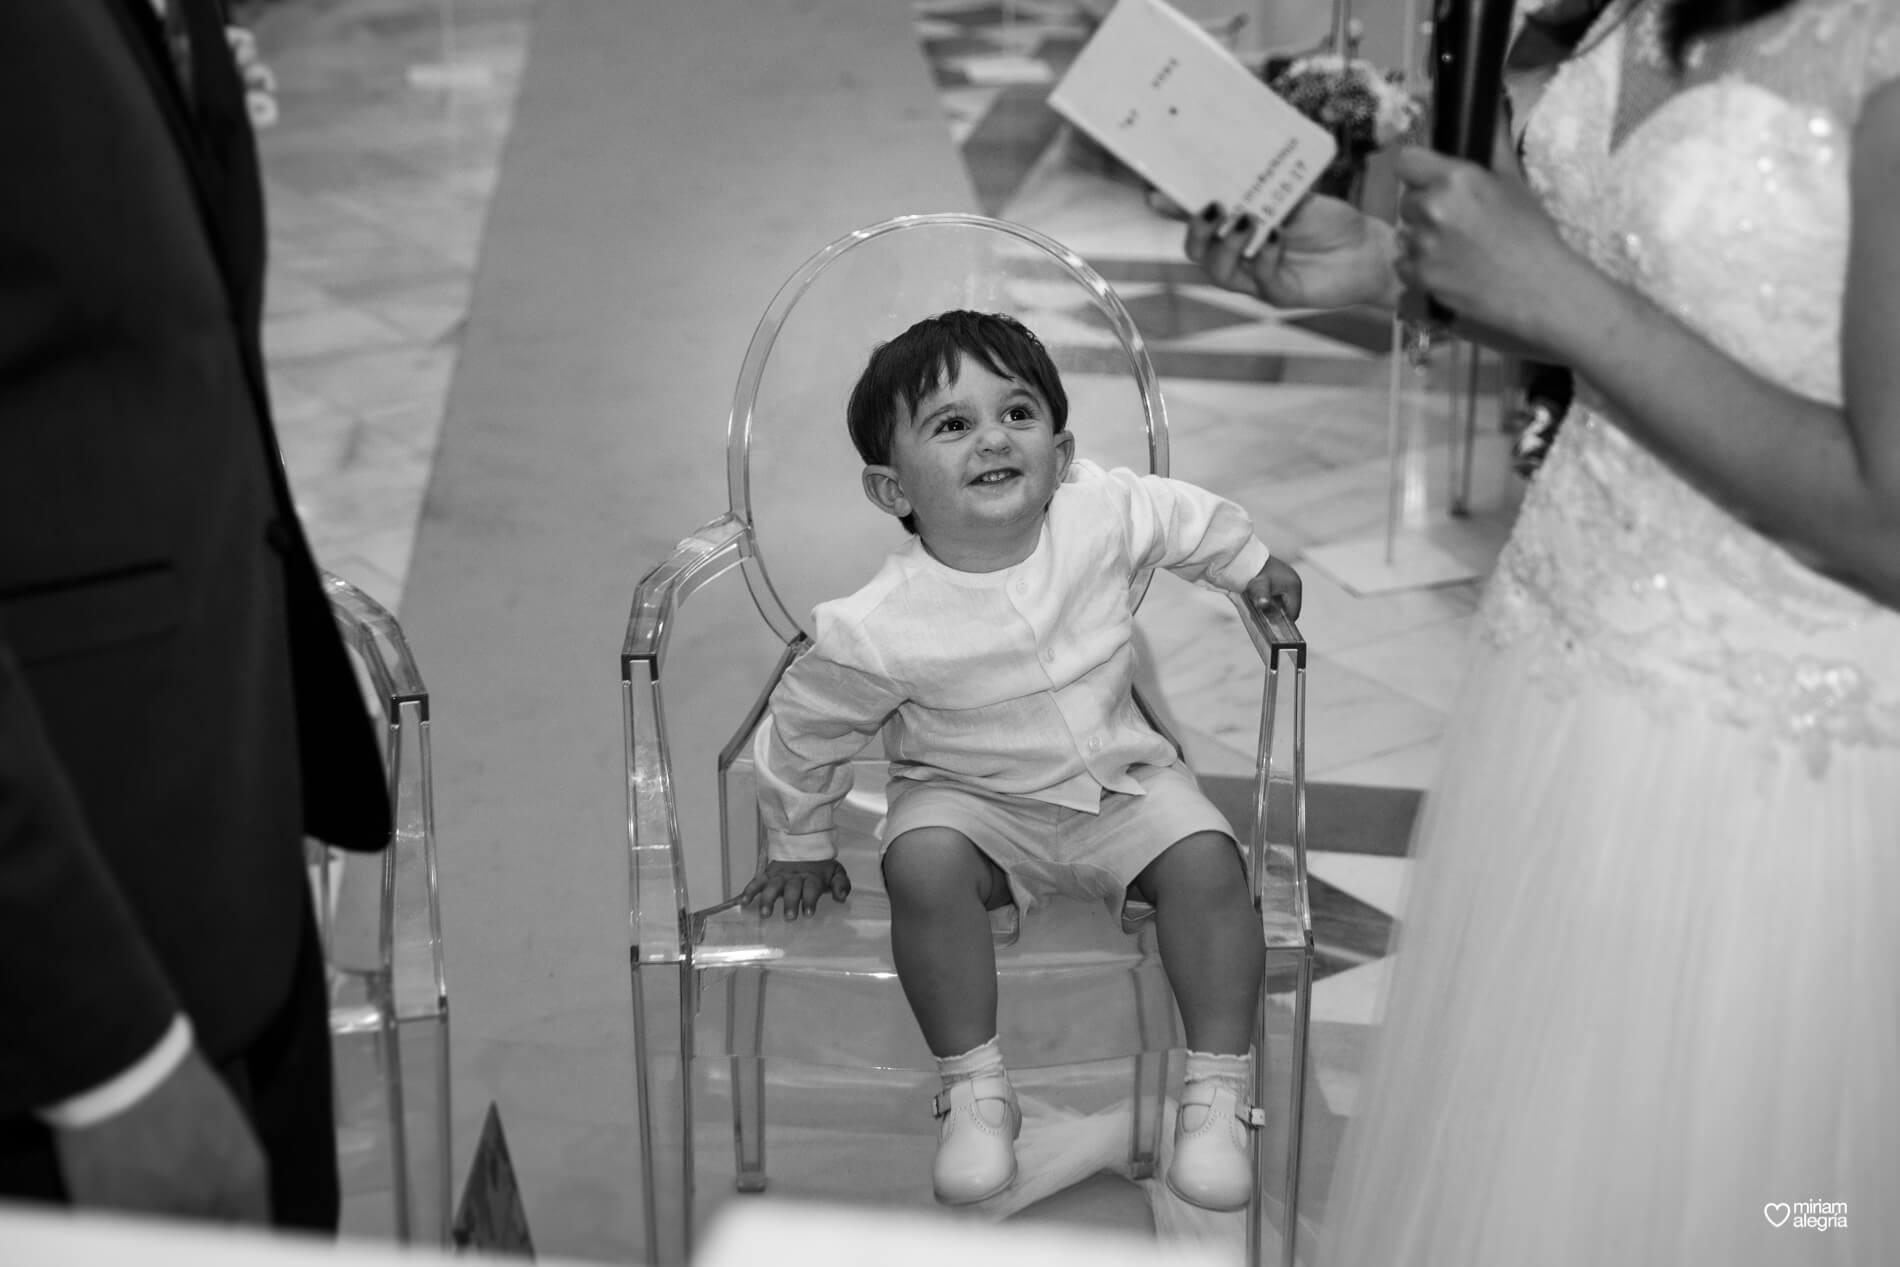 boda-civil-en-el-casino-de-murcia-miriam-alegria-fotografos-de-boda-28